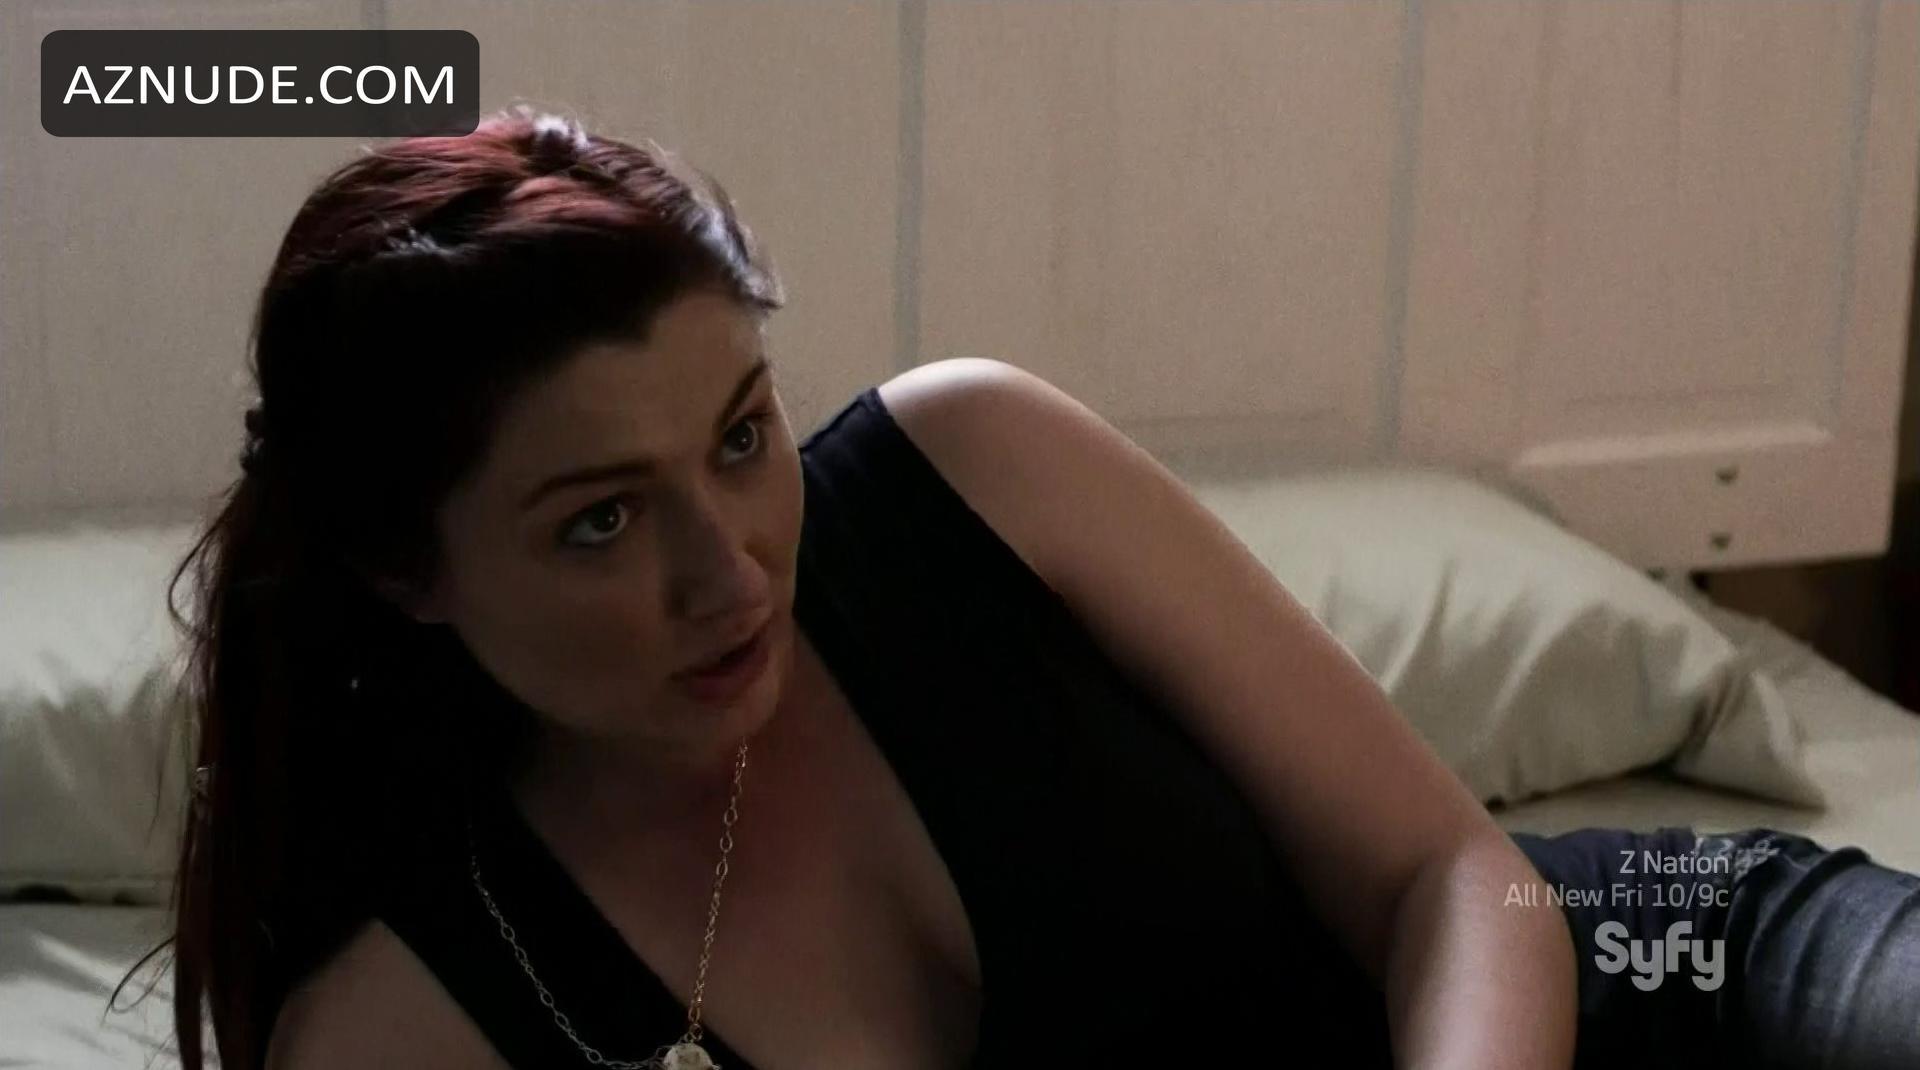 Anastasia Baranova Naked anastasia baranova nude - aznude